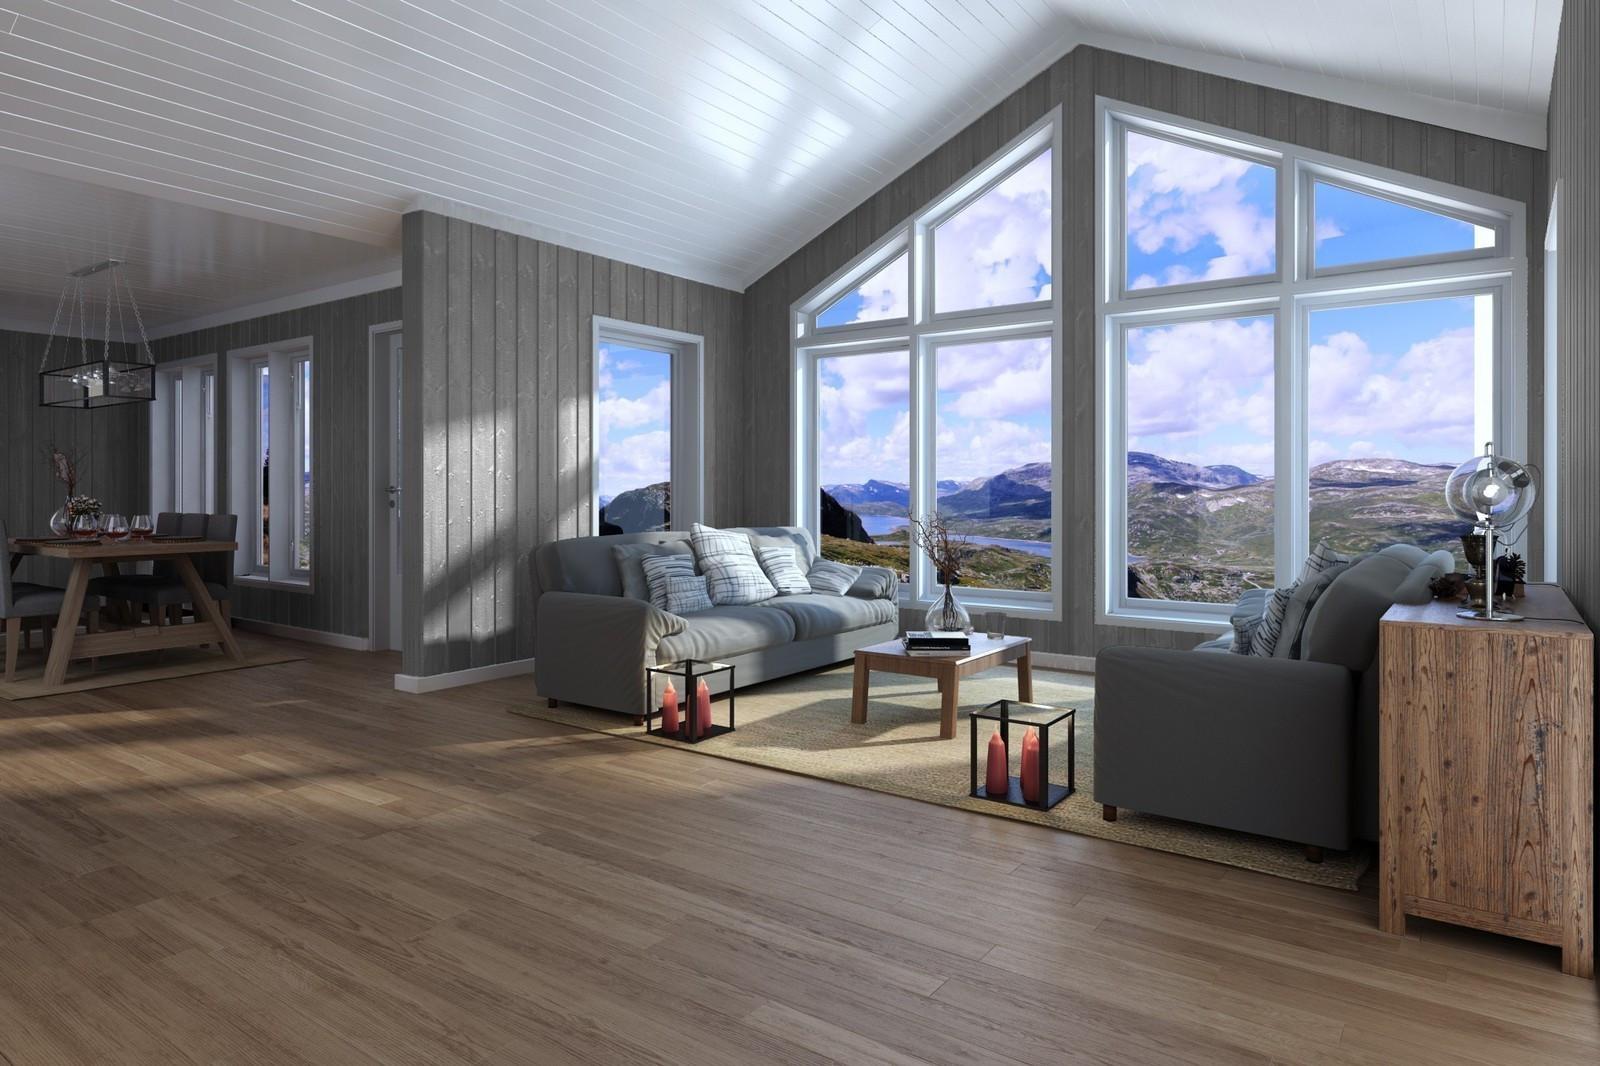 Illustrasjon som viser stuen og utsikten du får i denne fantastiske hytten! Med de flotte utsikt tomtene på Hattevarden, så blir dette en perfekt kombinasjon .